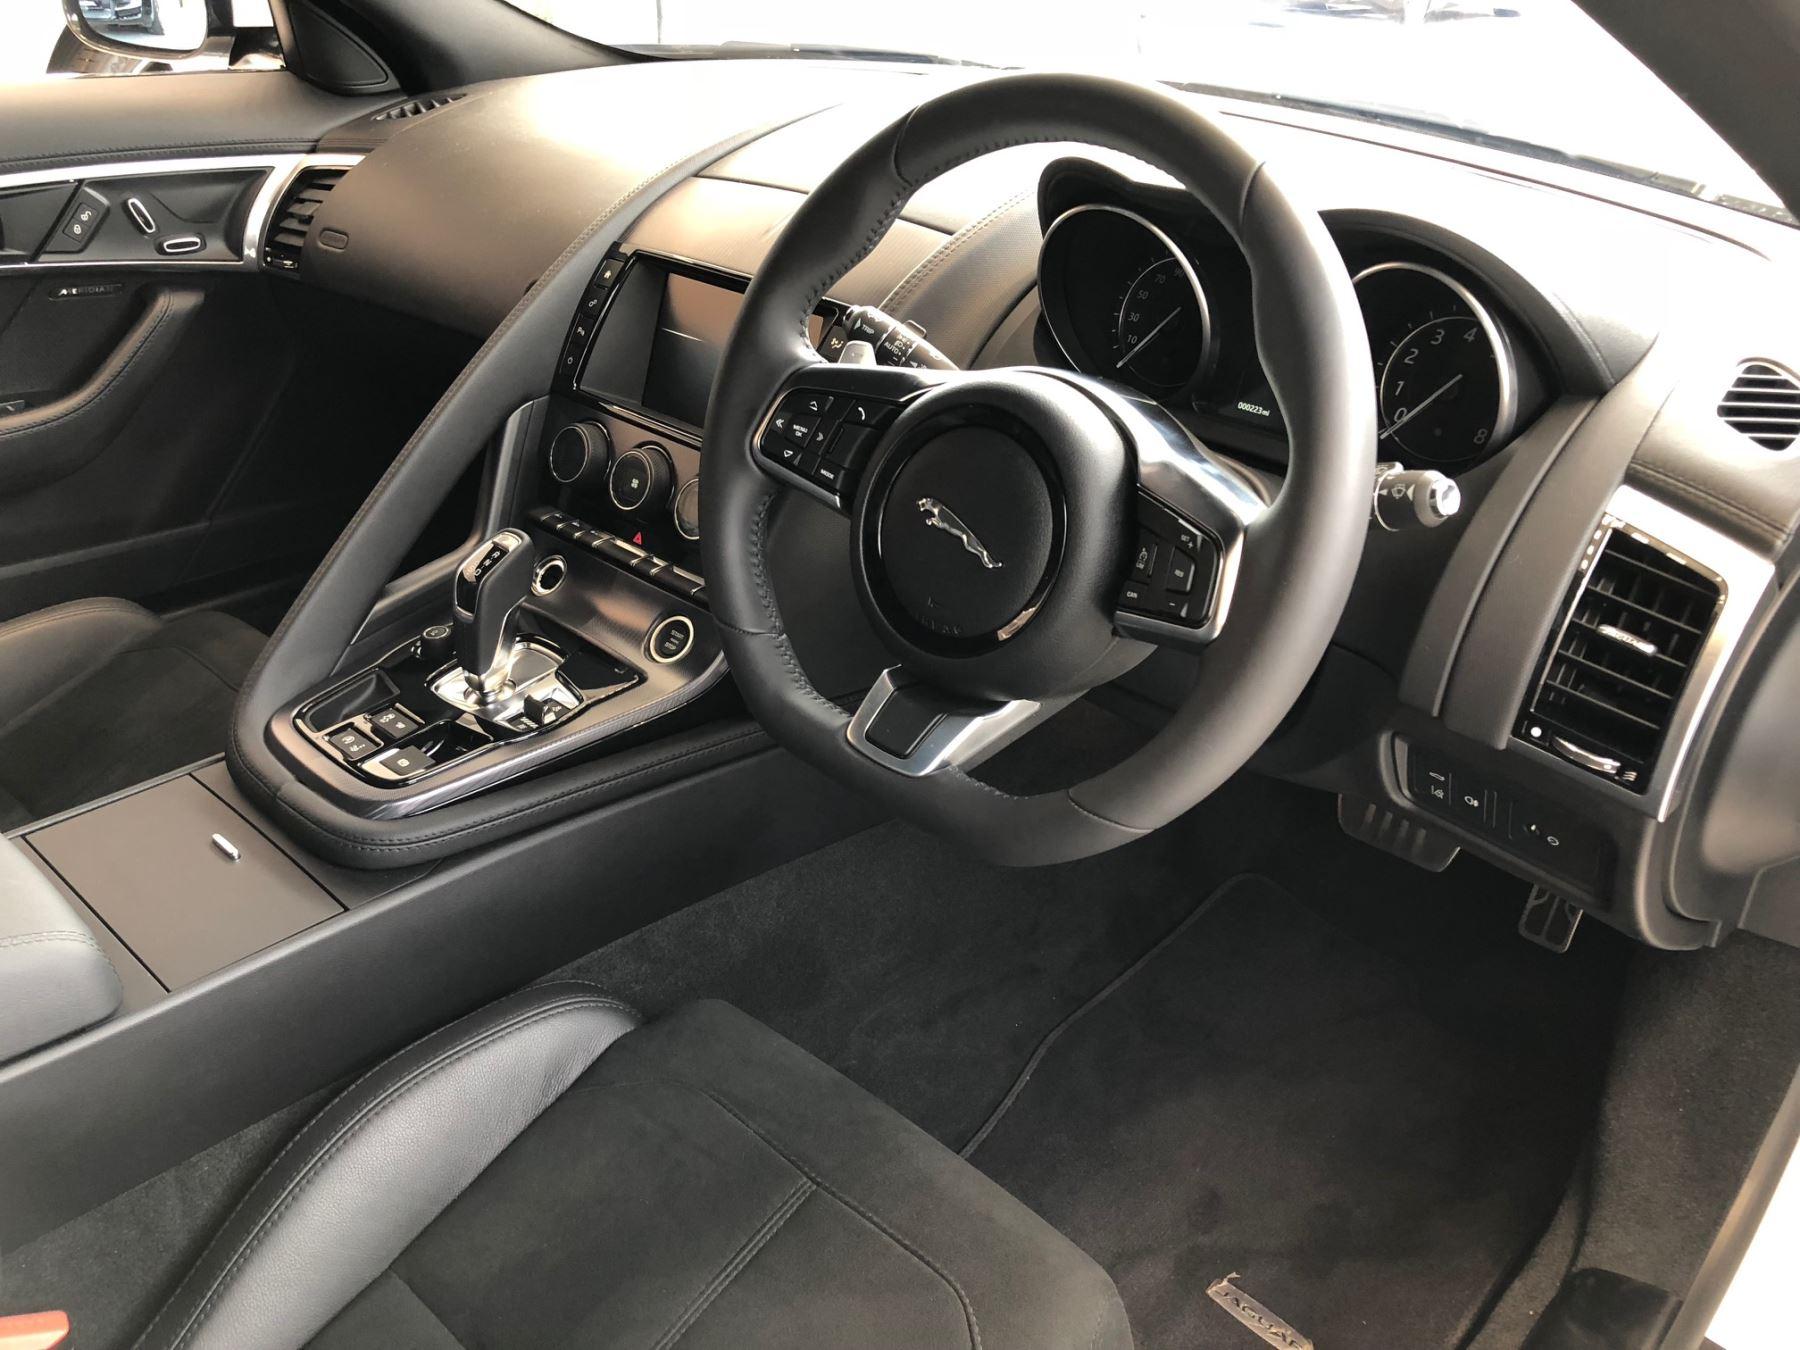 Jaguar F-TYPE 3.0 Supercharged V6 R-Dynamic image 4